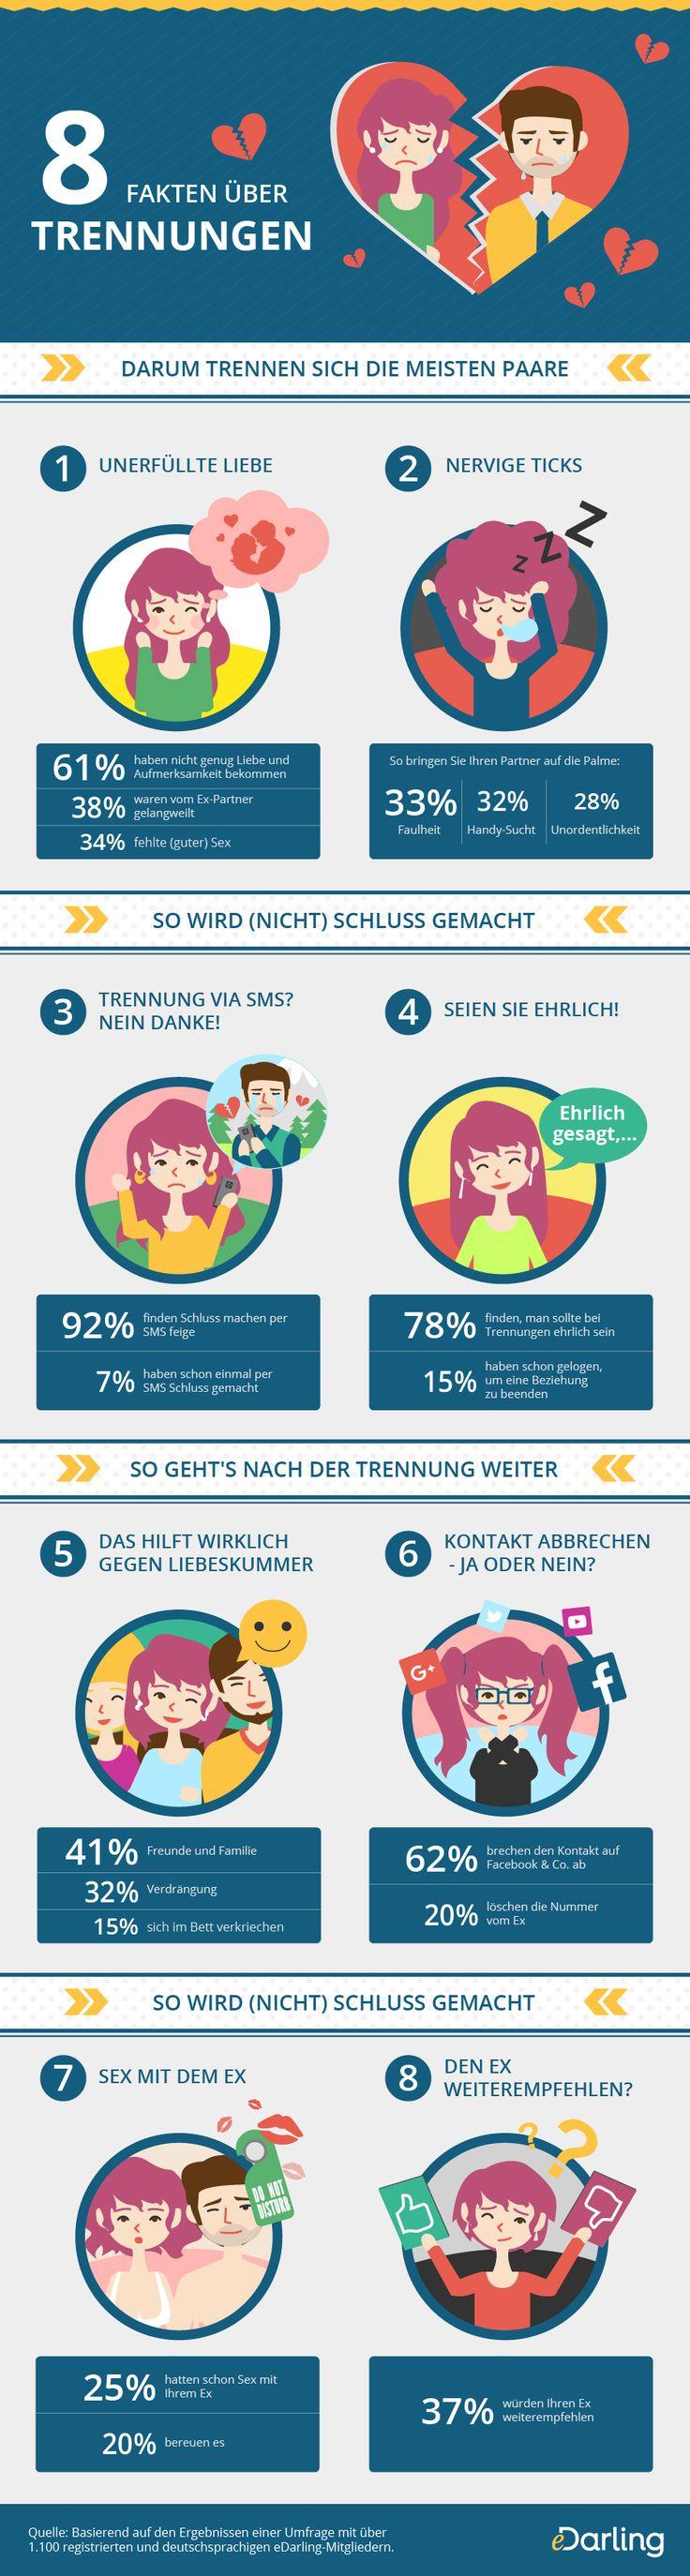 Infografik: 8 Fakten über Trennungen